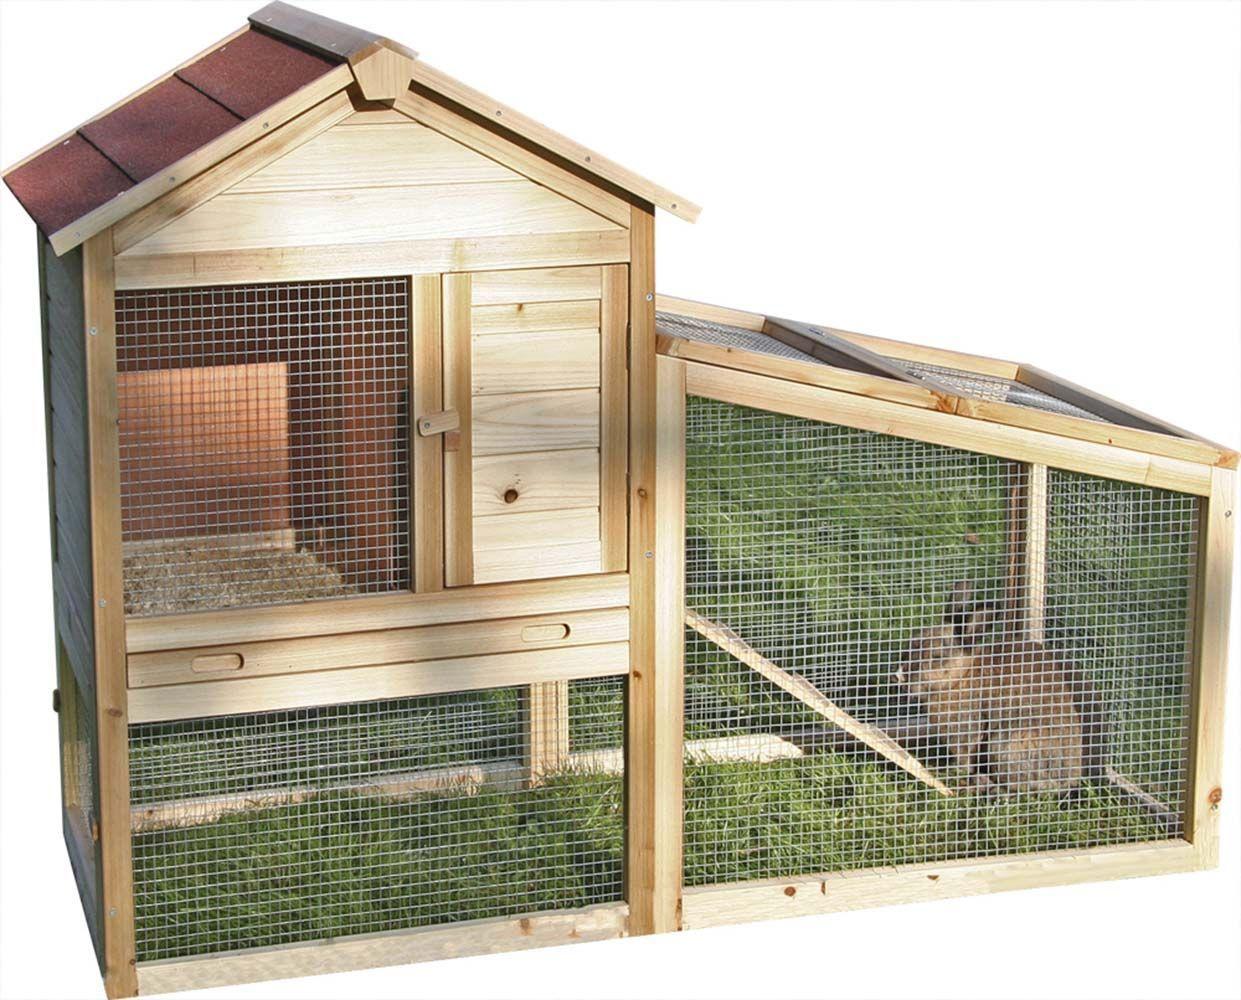 Abri en bois pour lapins freetime for Abri lapin exterieur